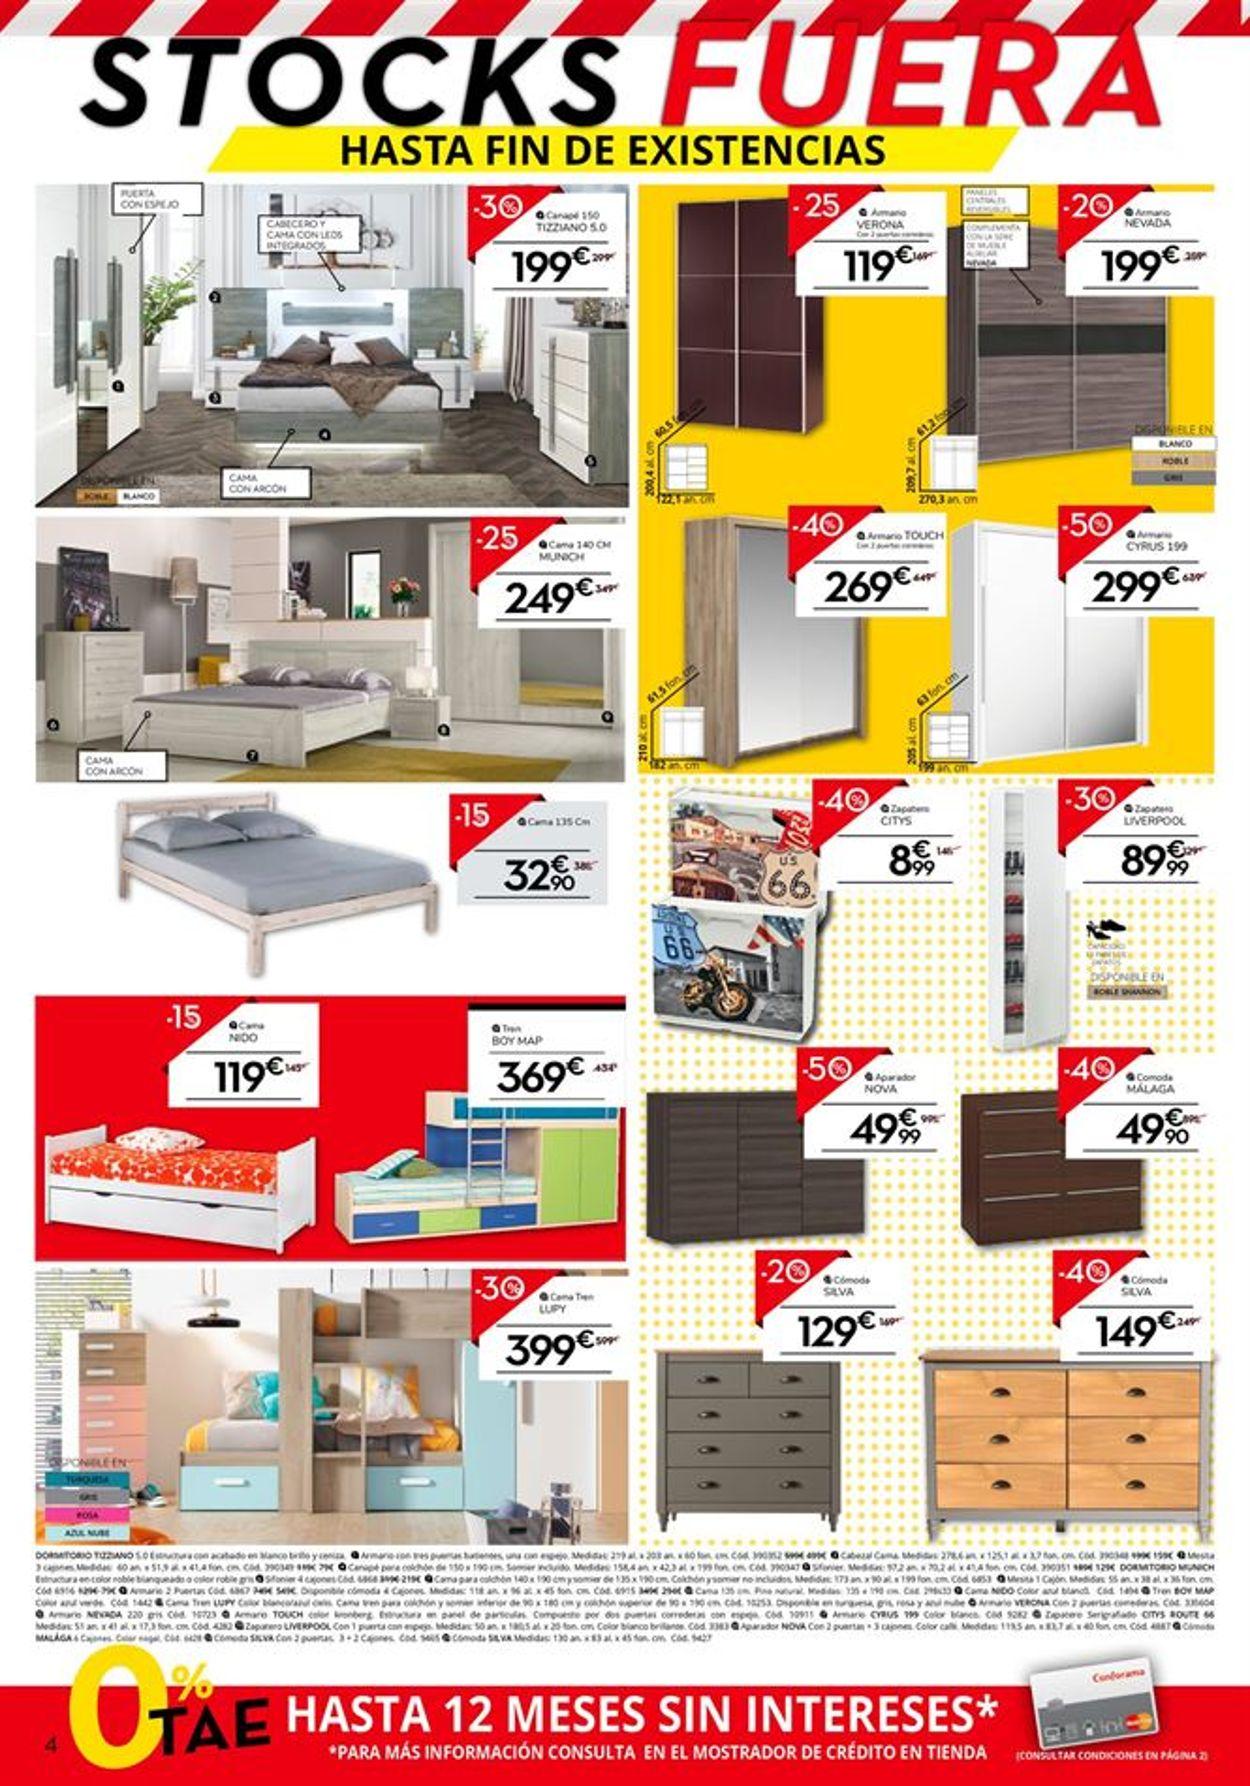 Conforama Folleto - 11.07-01.08.2019 (Página 4)